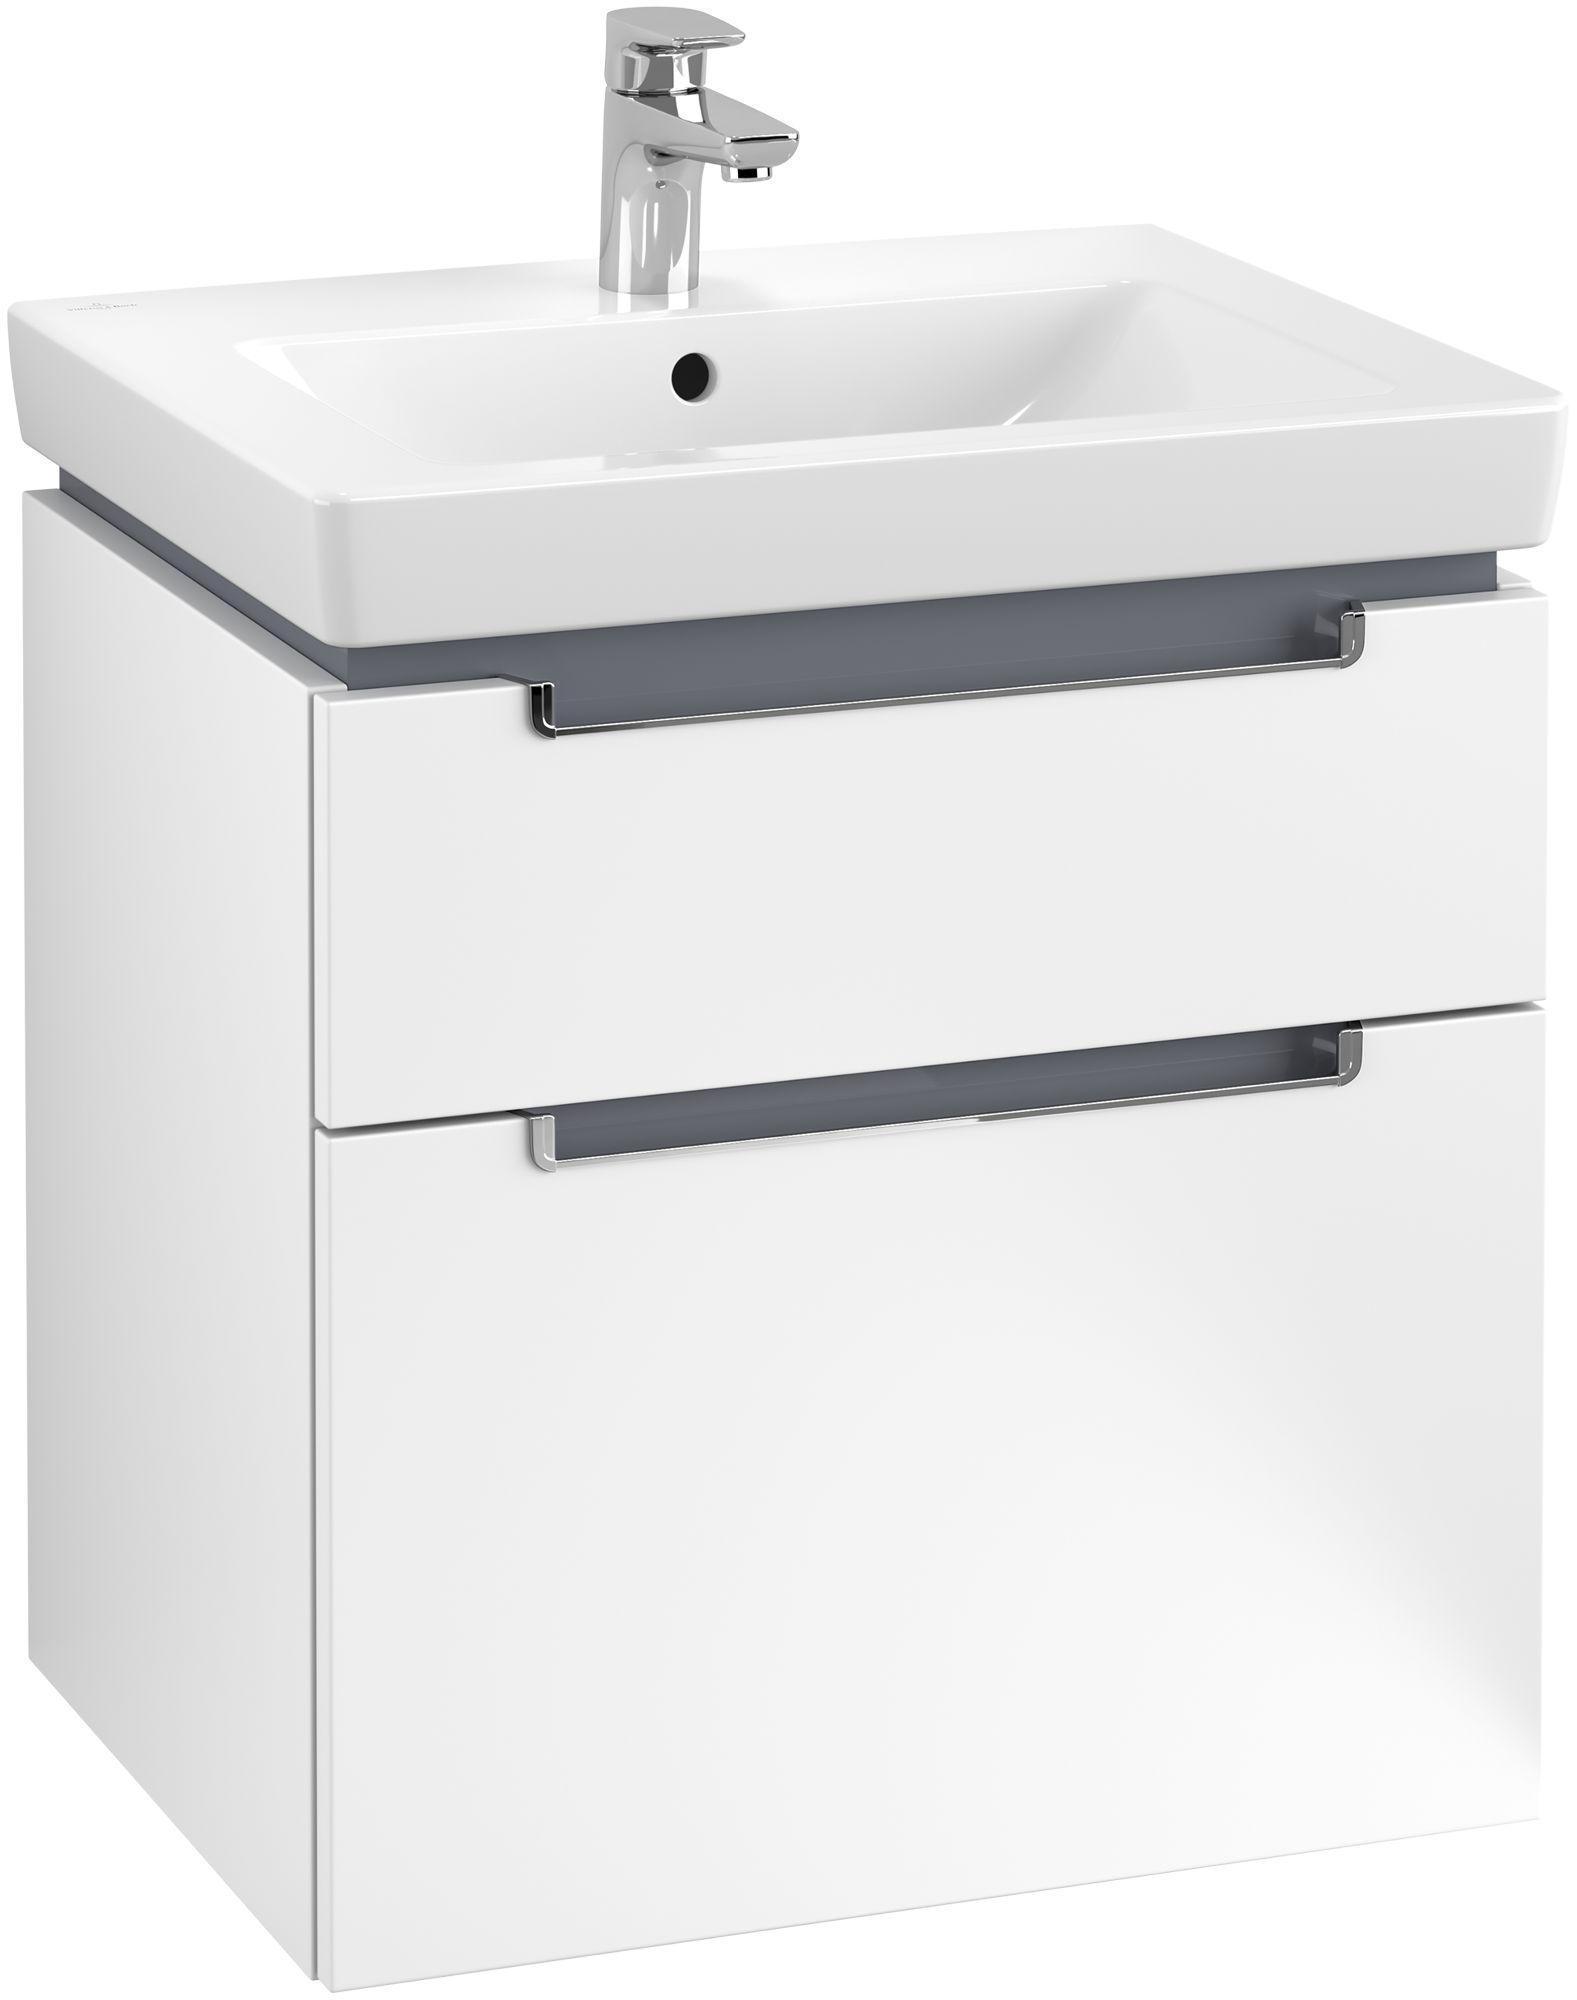 Villeroy & Boch Subway 2.0 Waschtischunterschrank 2 Auszüge B:587xT:454xH:590mm weiß matt Griffe chrom A90910MS